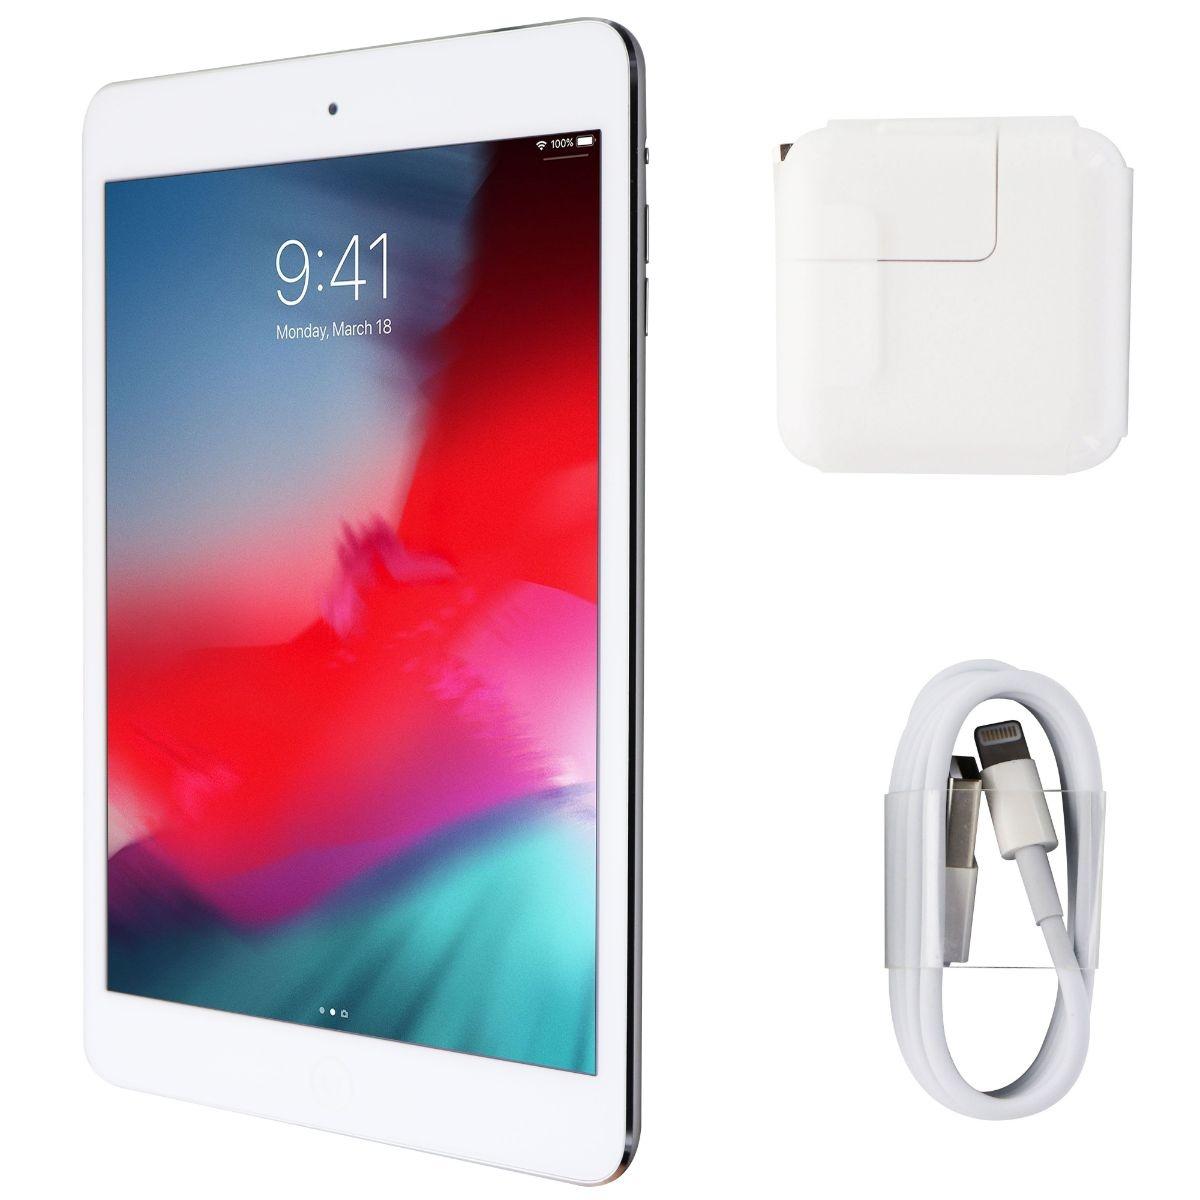 Apple iPad Mini 2 (Wi-Fi Only) A1489 - 32GB/Silver (ME280LL/A)